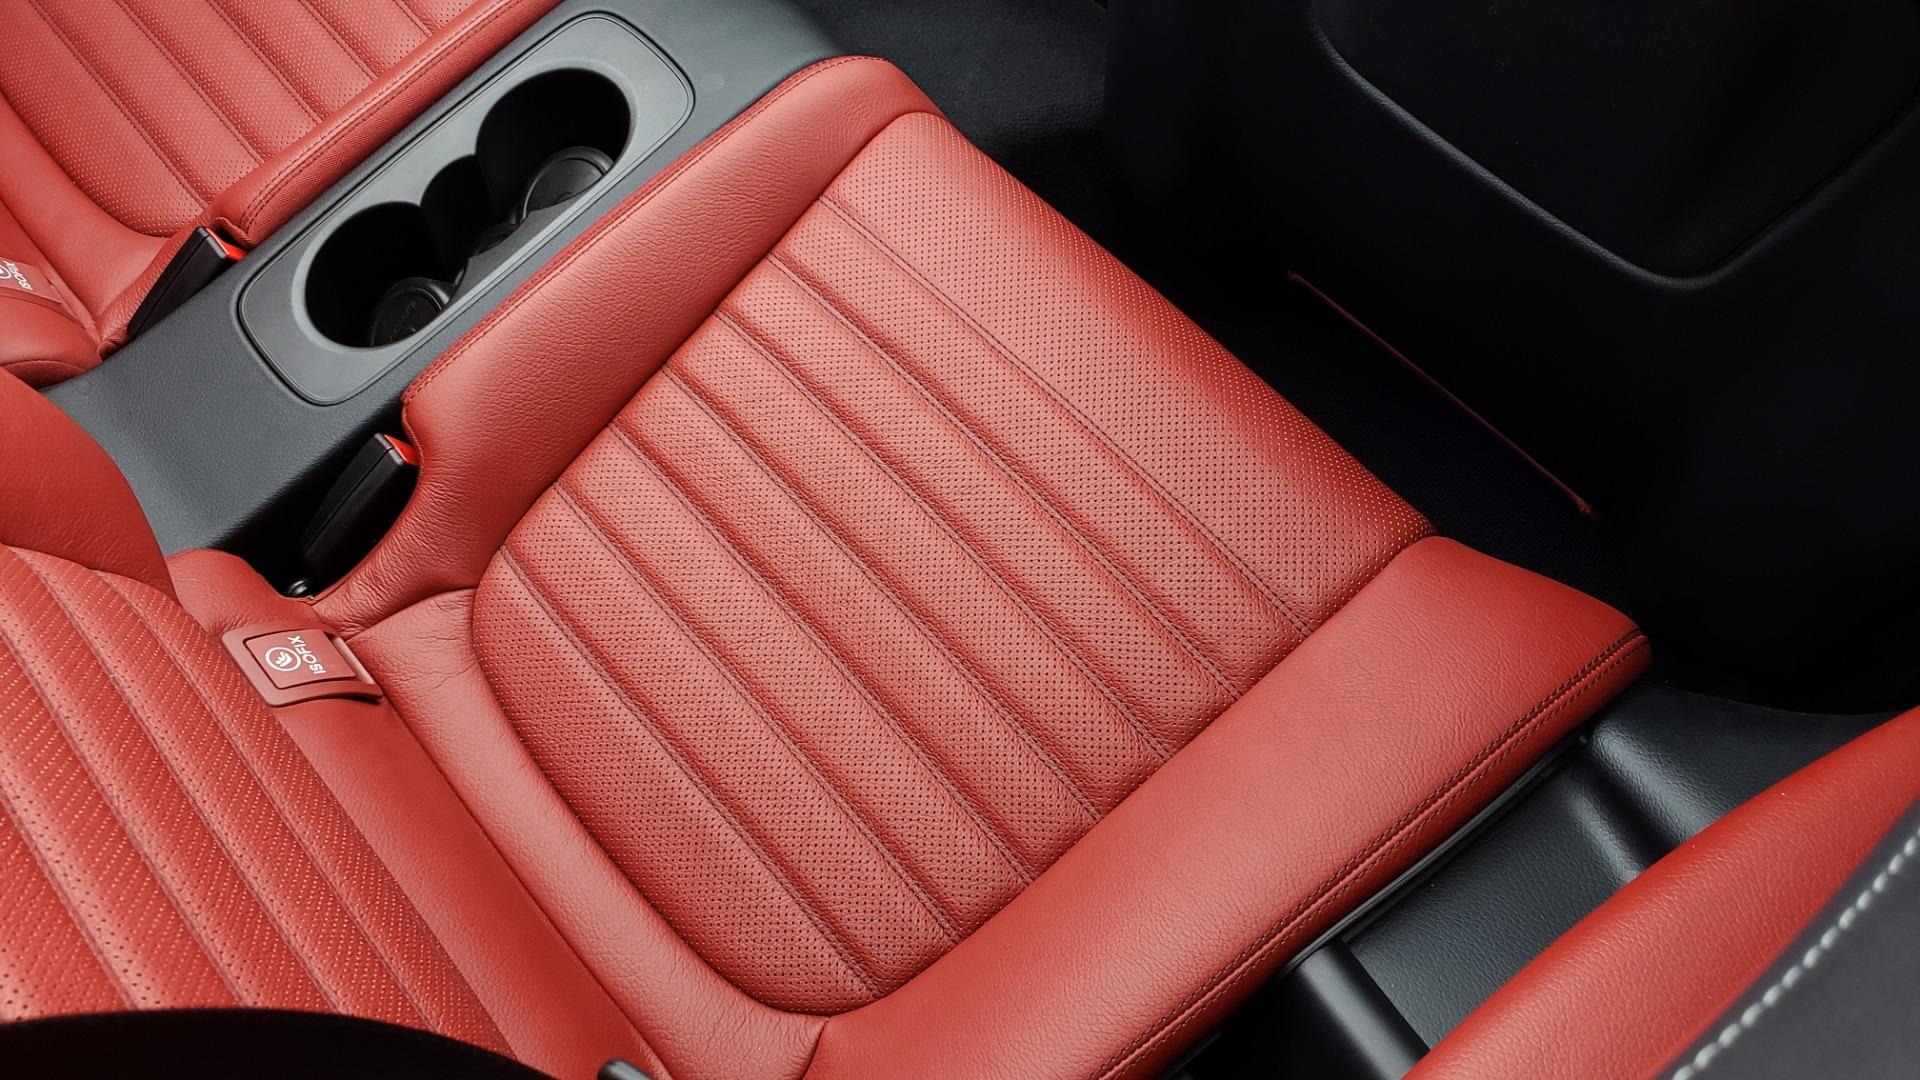 Used 2019 Mercedes-Benz C-CLASS C 300 CABRIOLET / PREM PKG / NAV / BURMESTER / MULTIMEDIA for sale Sold at Formula Imports in Charlotte NC 28227 73